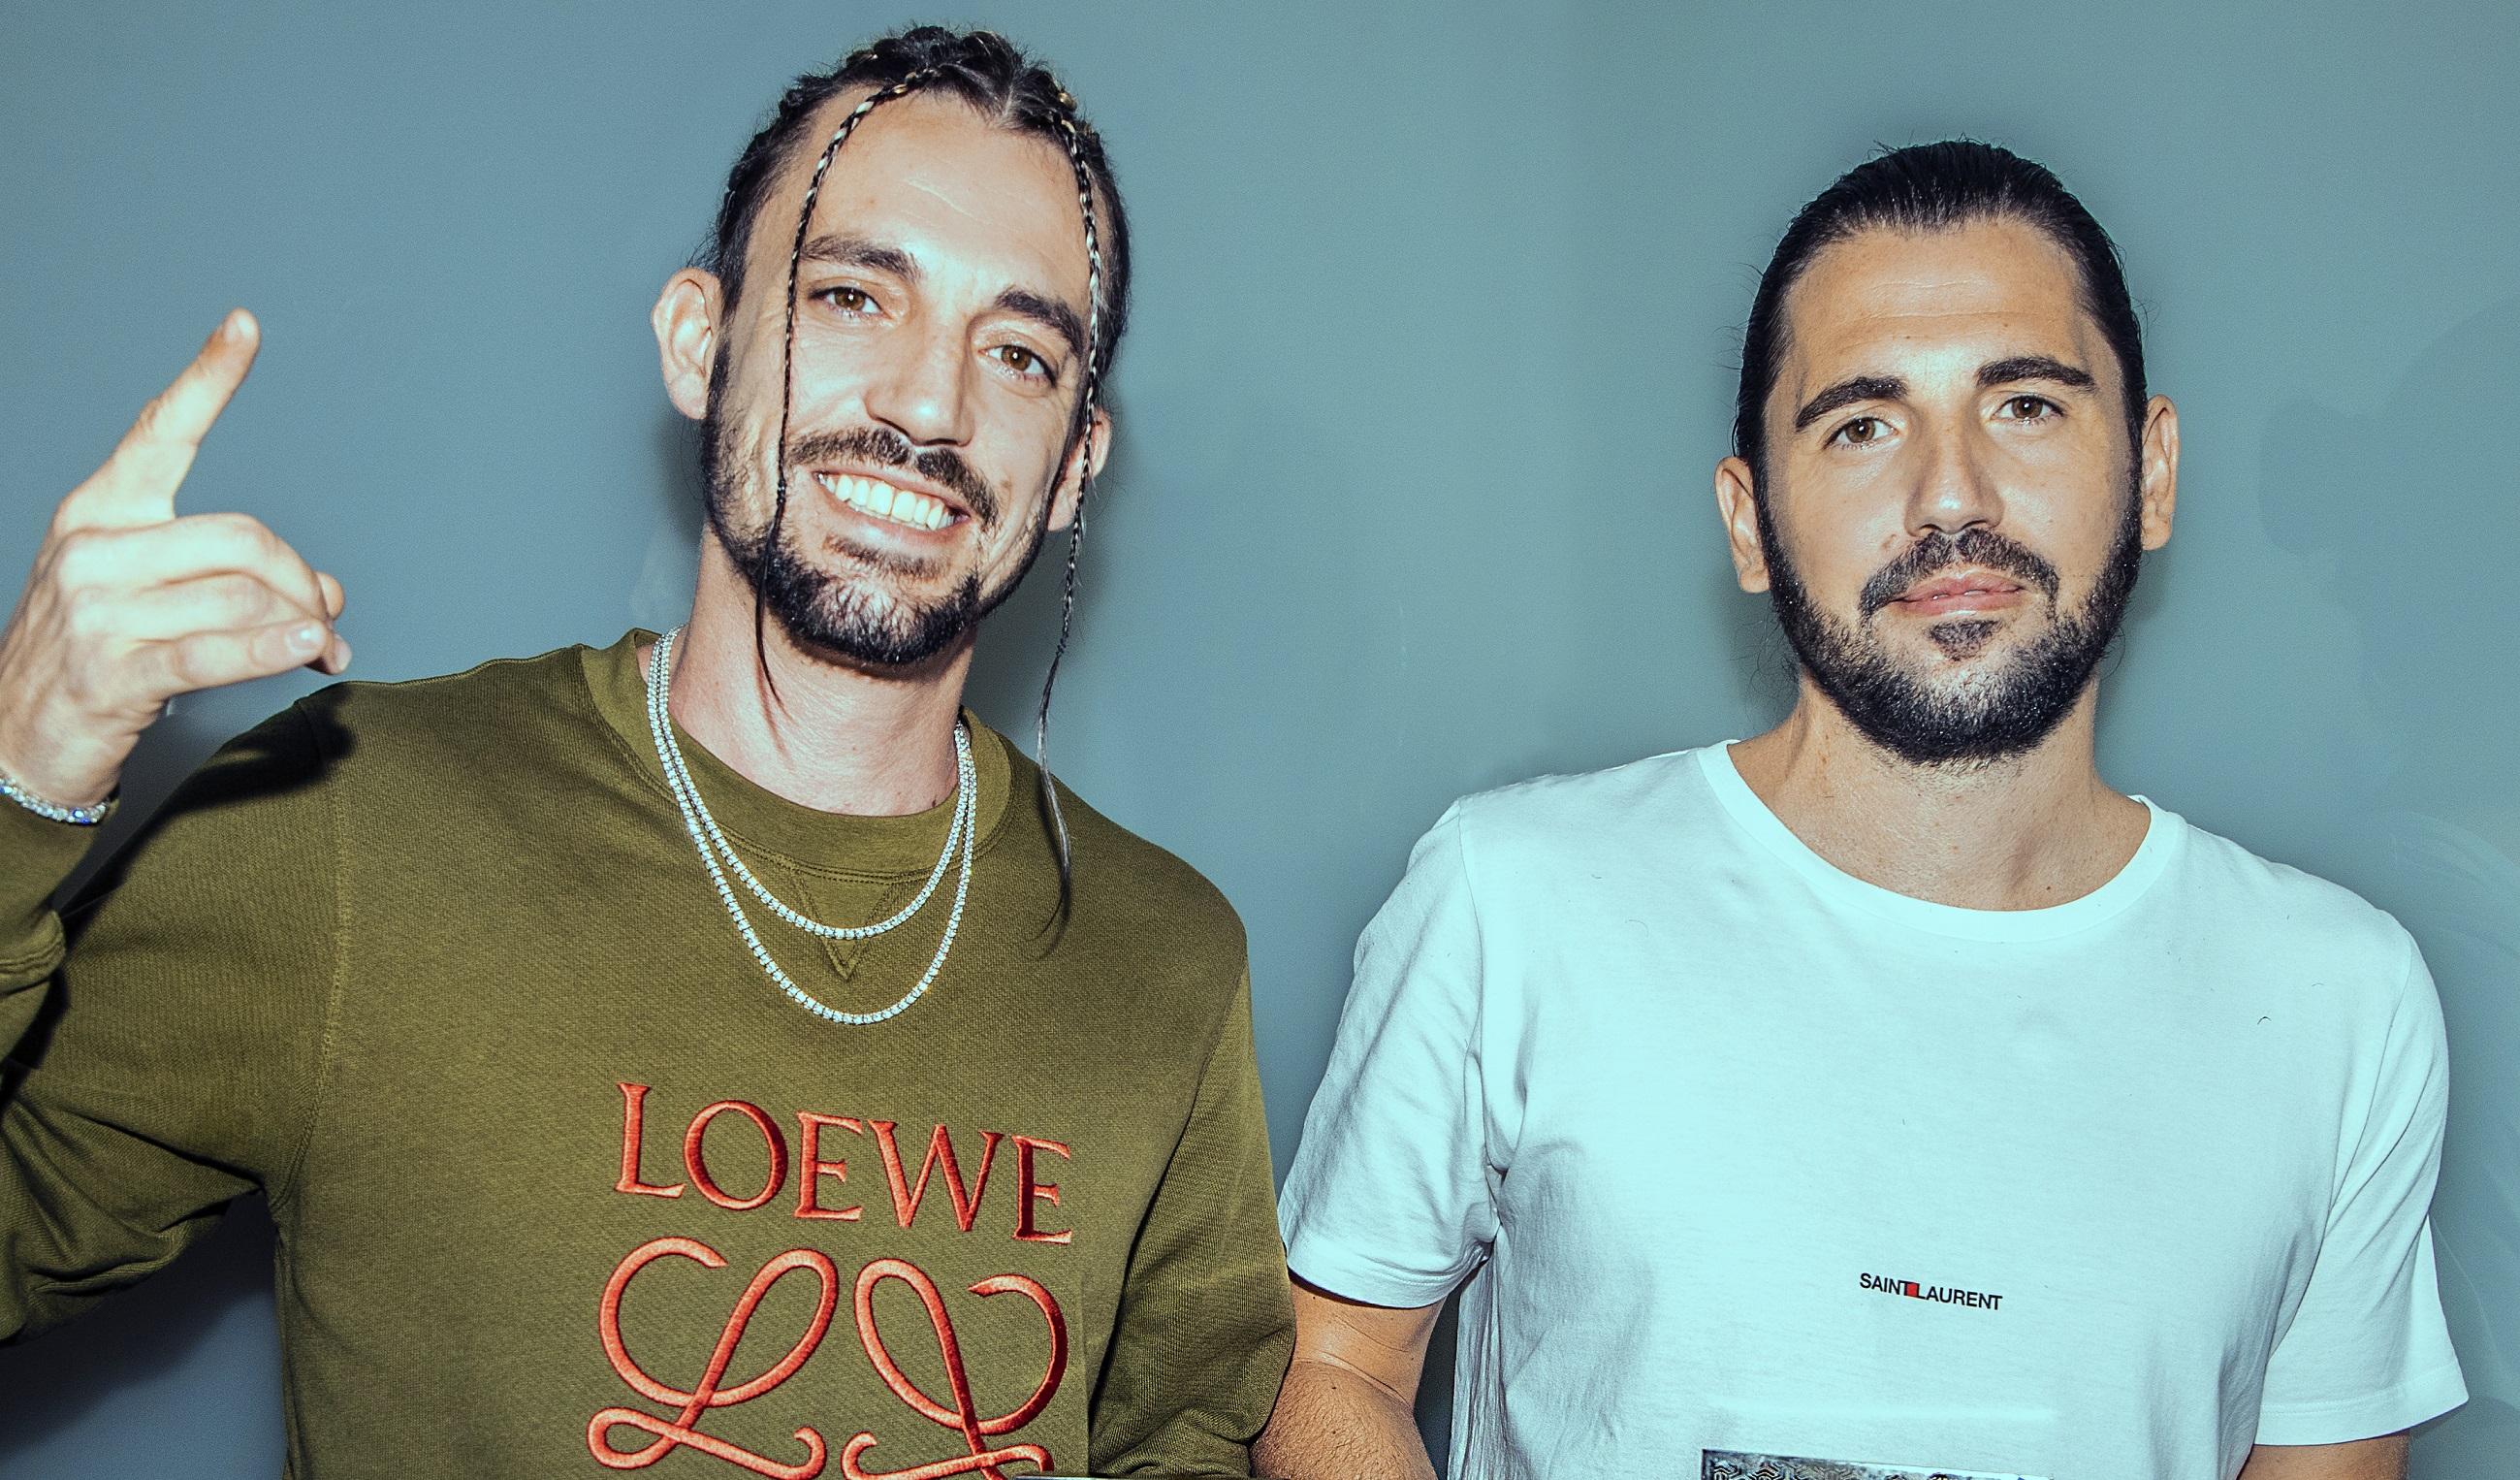 chase el nuevo sencillo de dimitri vegas mike dj mag mexico